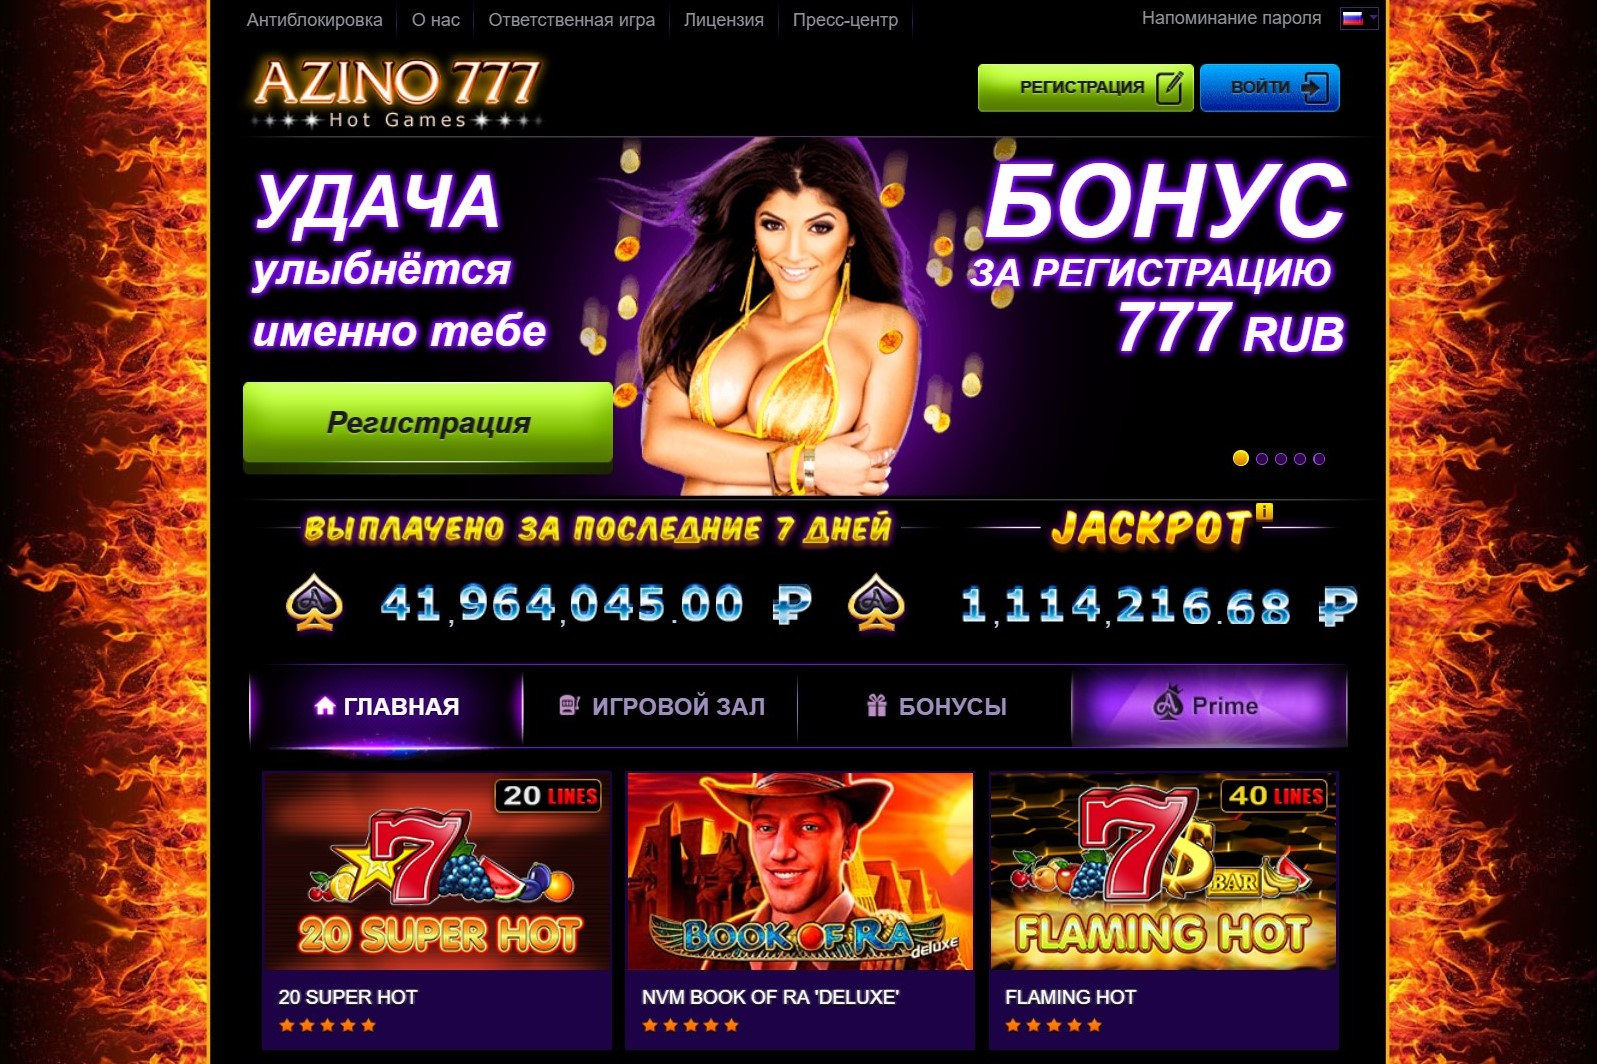 казино азино 777 официальный сайт играть